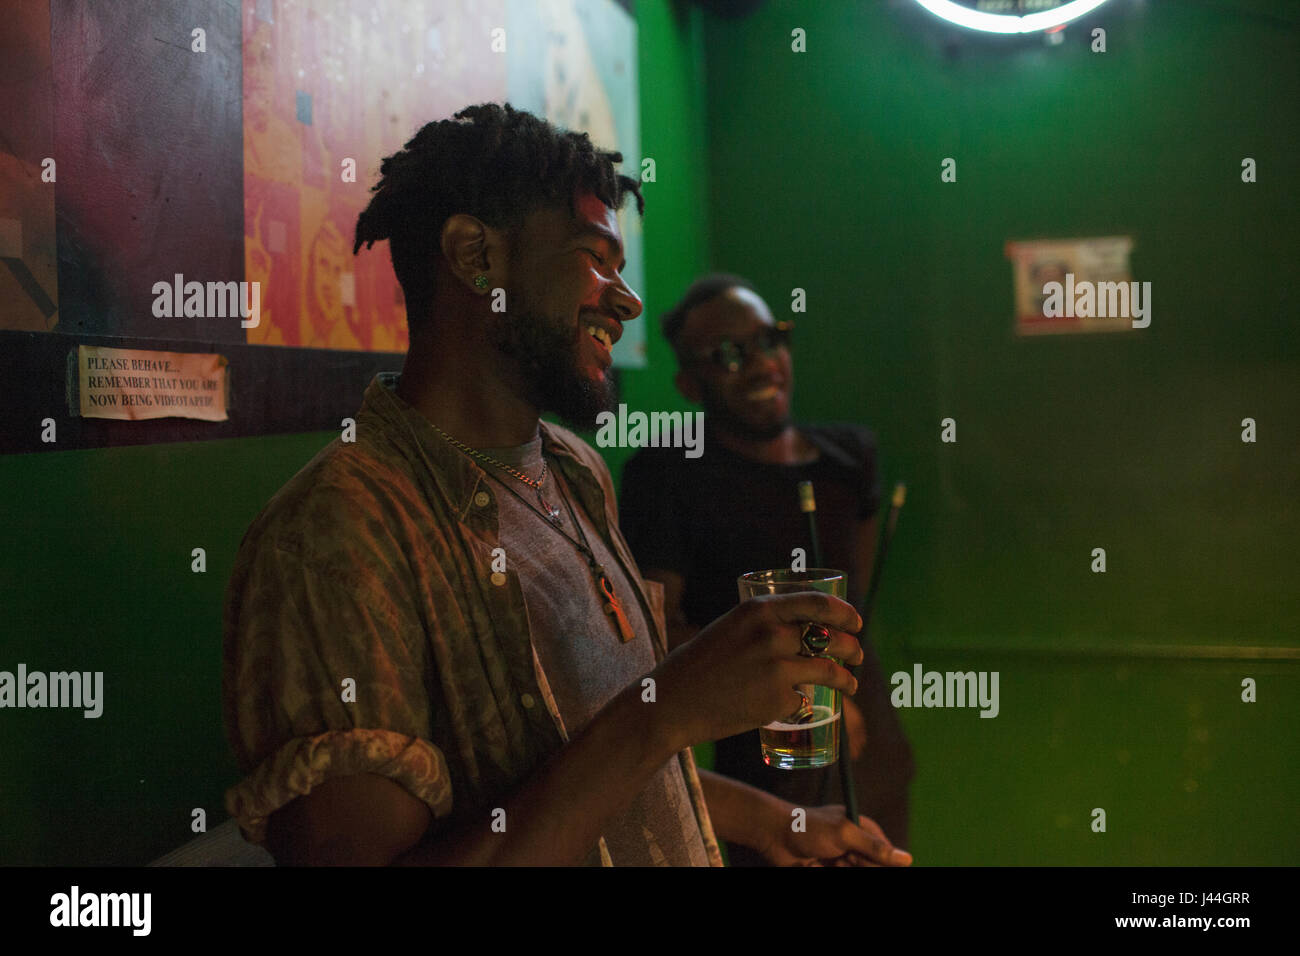 Deux jeunes hommes dans un bar. Photo Stock